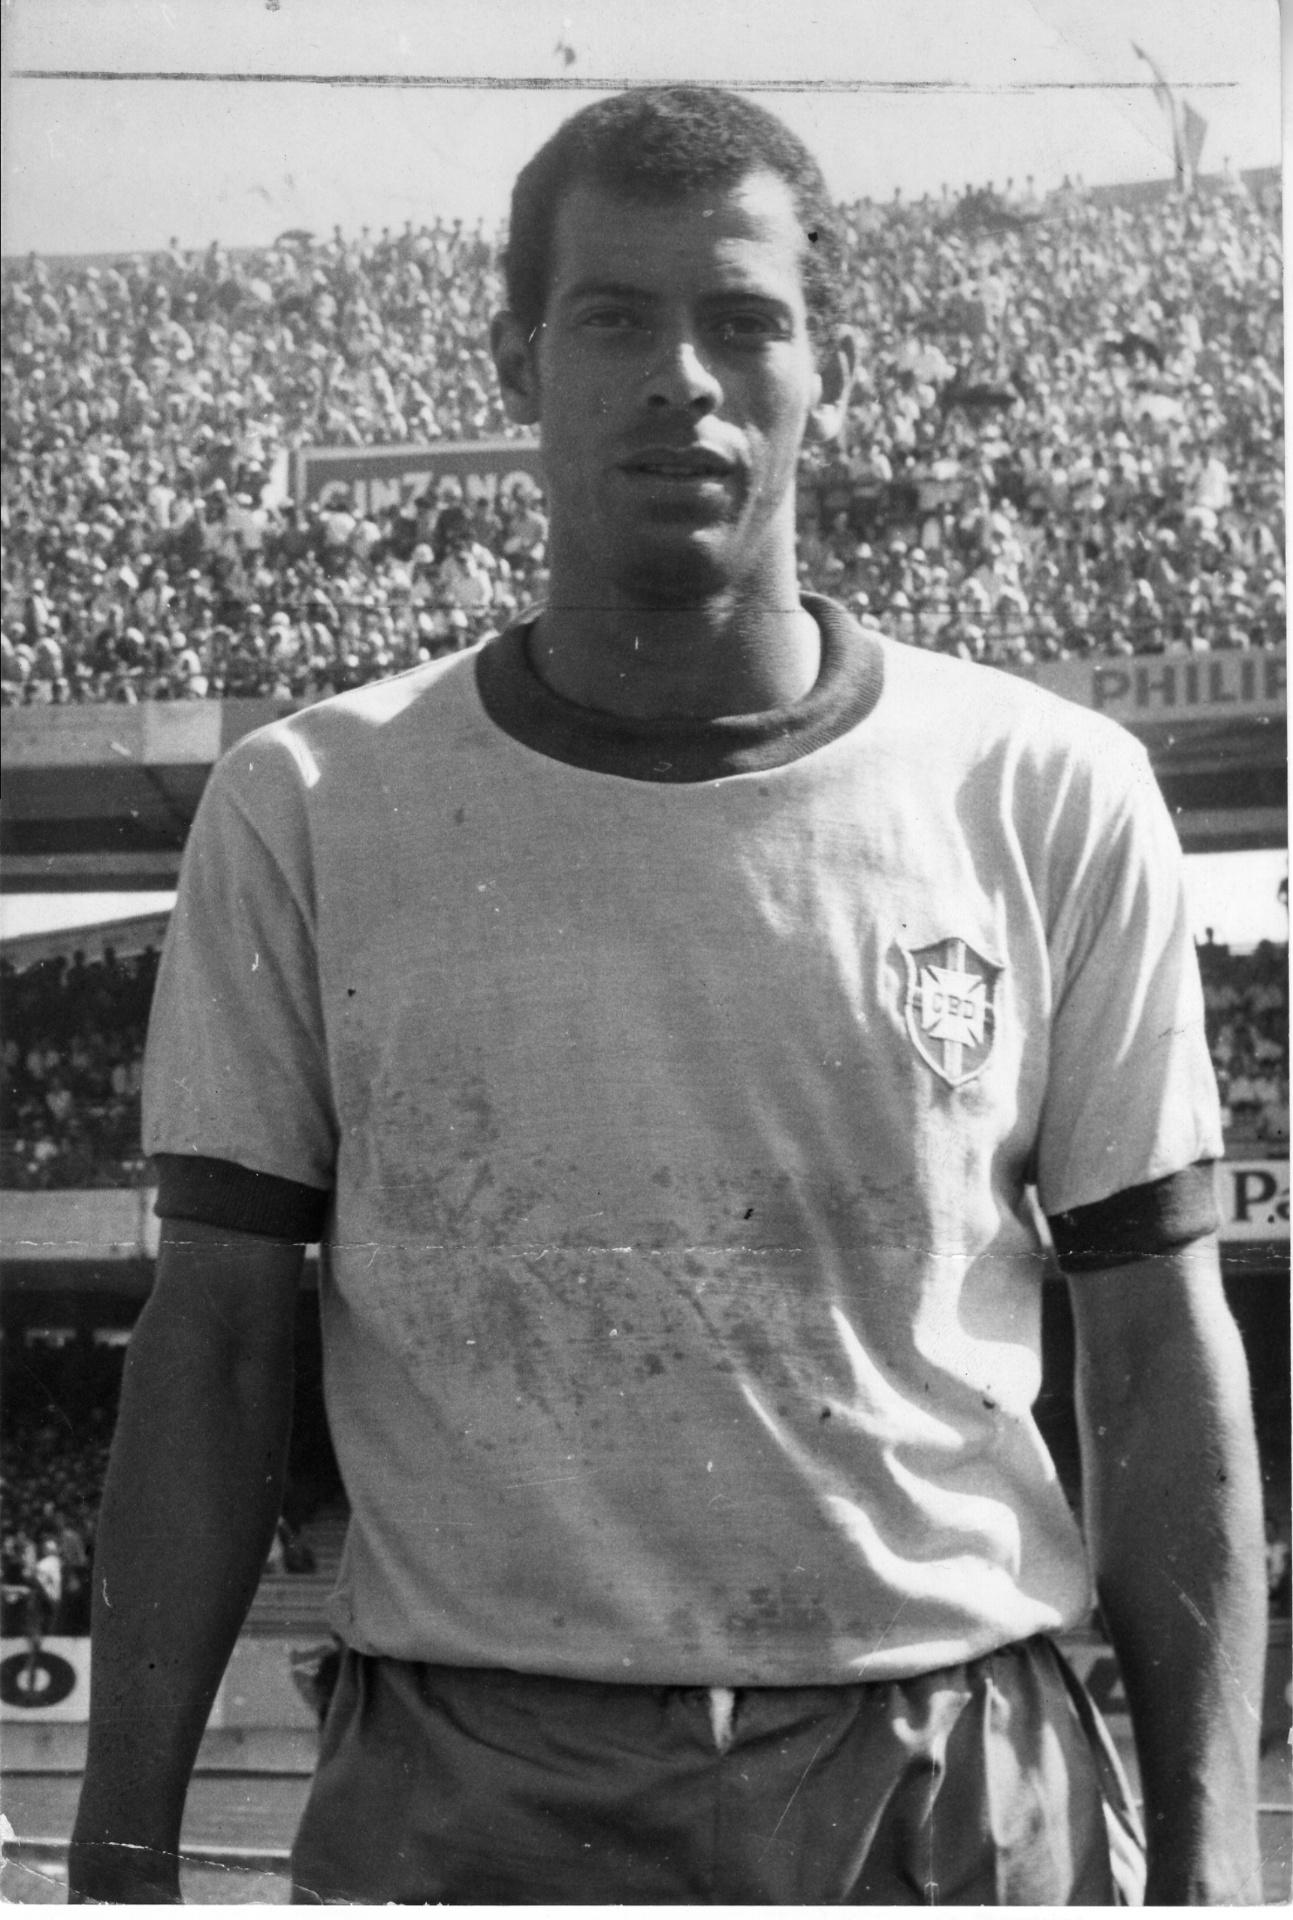 Carlos Alberto Torres em ação pela seleção brasileira; O ex-lateral, morto nesta terça, fez 53 jogos representando o Brasil e foi capitão do Tri em 1970